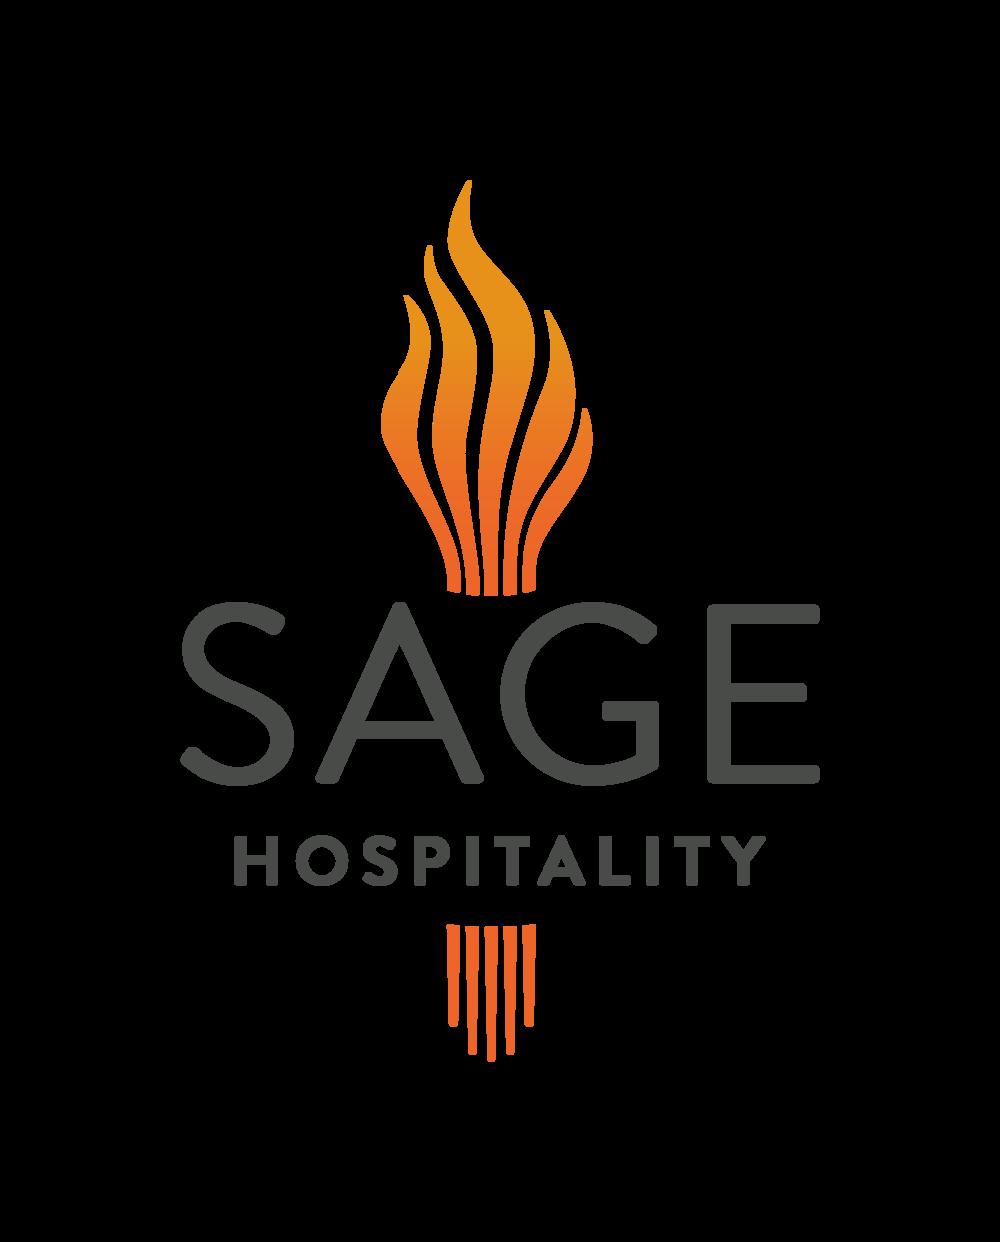 Sage-Hospitality-Logo-Color.png